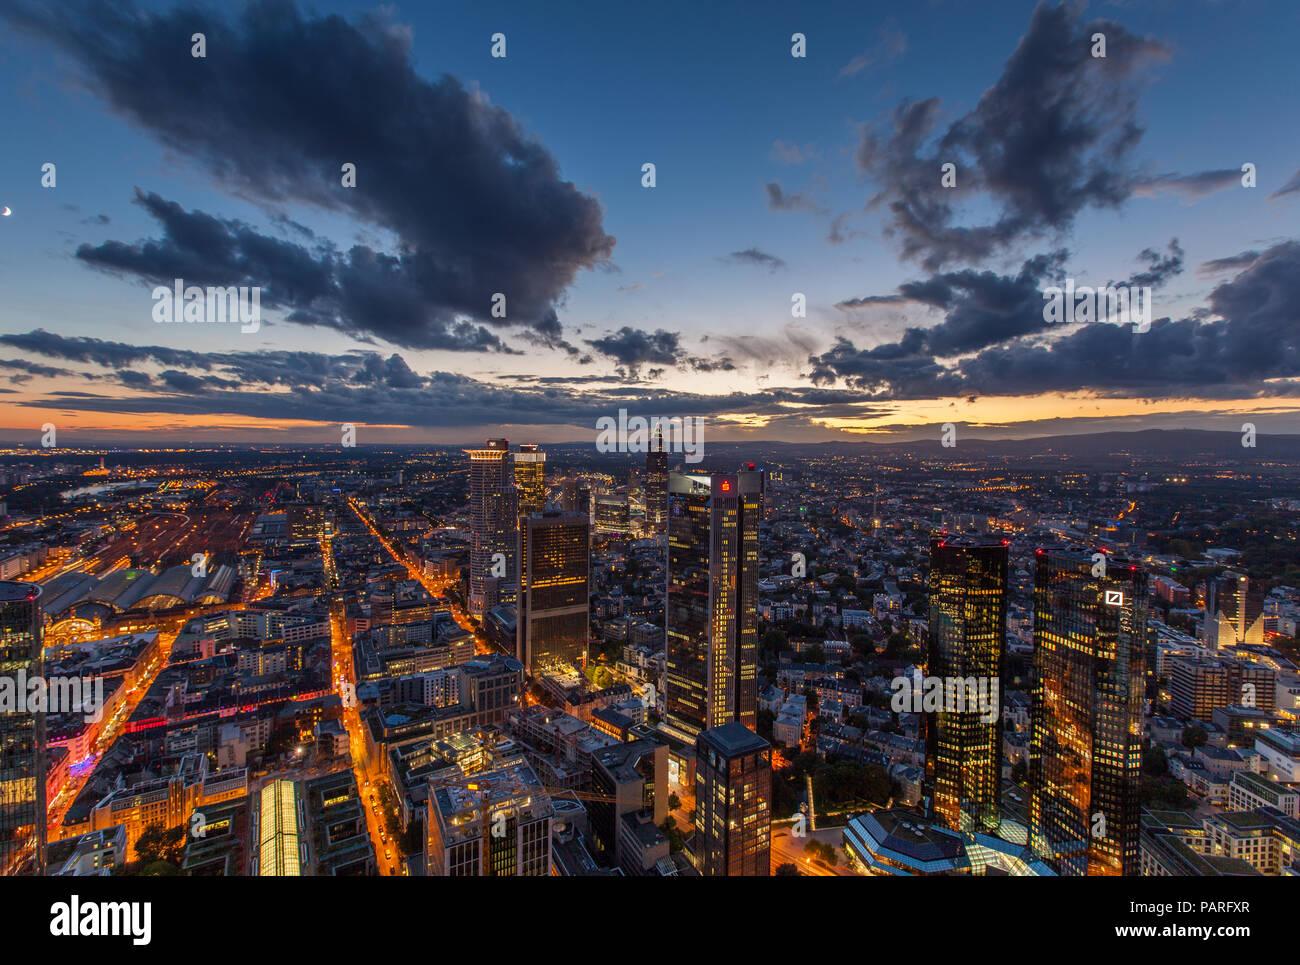 Maintower Aussicht zur Blauen Stunde - Stock Image